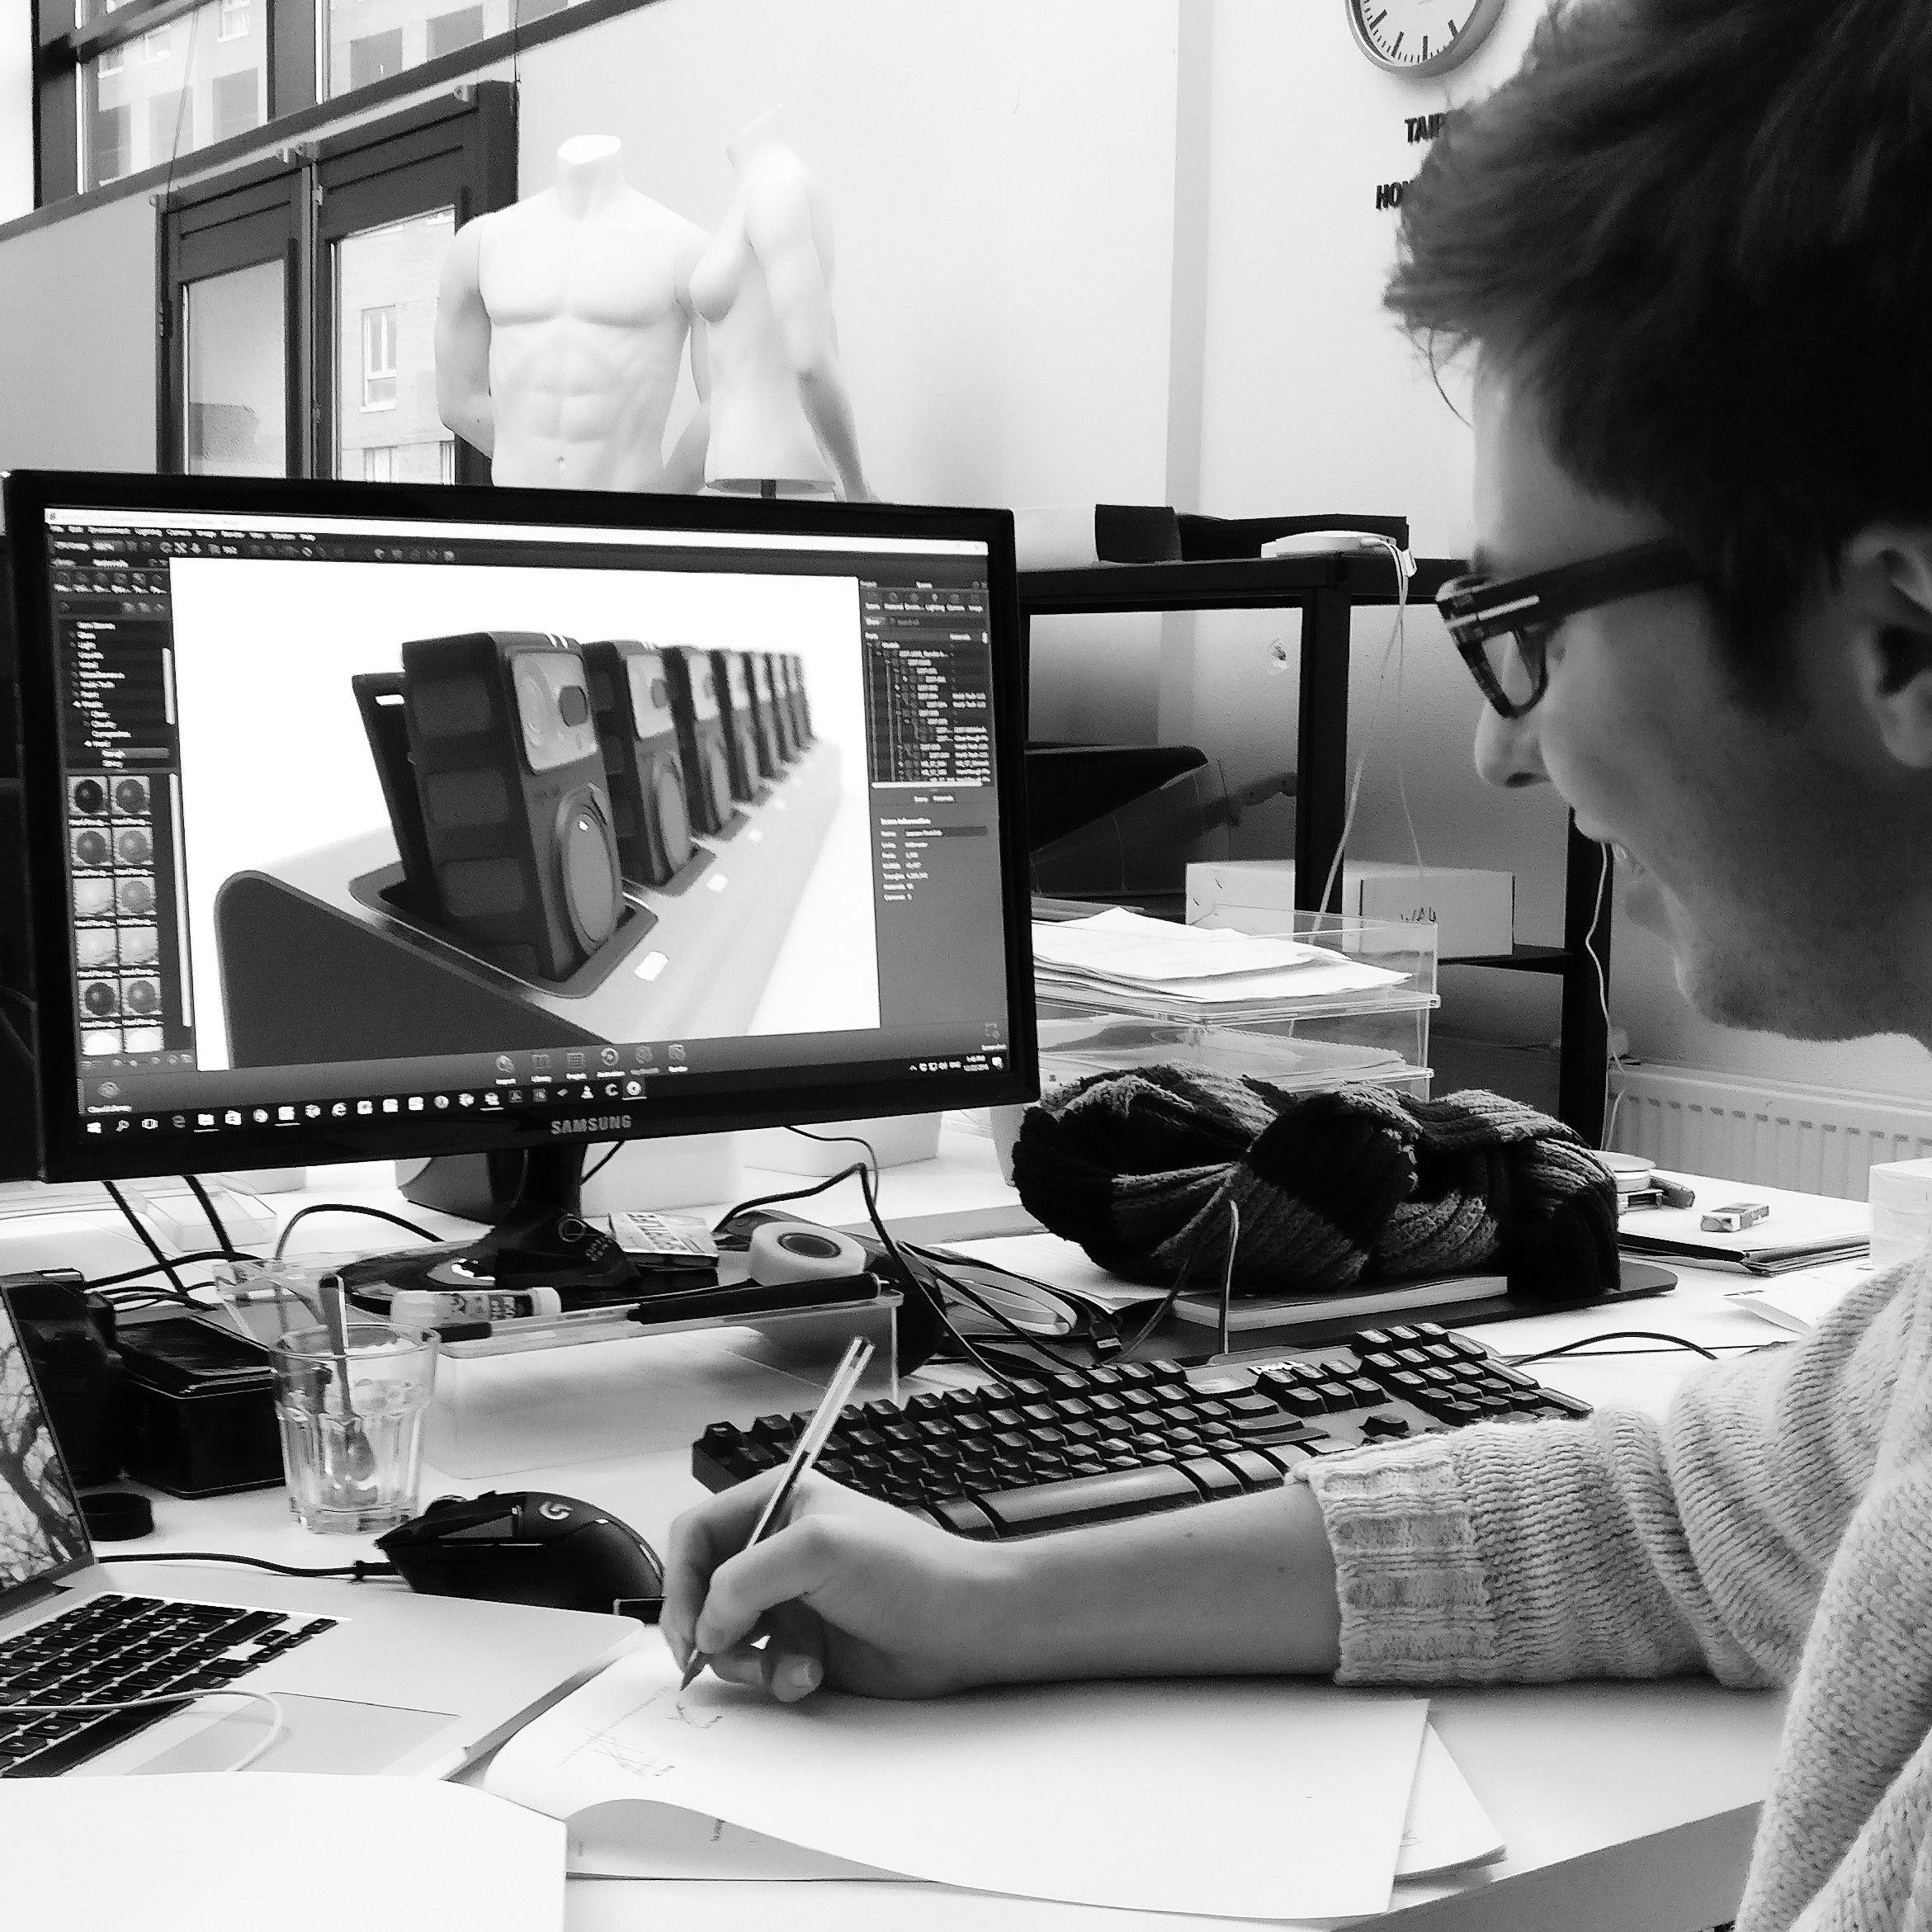 Slimdesign design team Guillaume Nunne